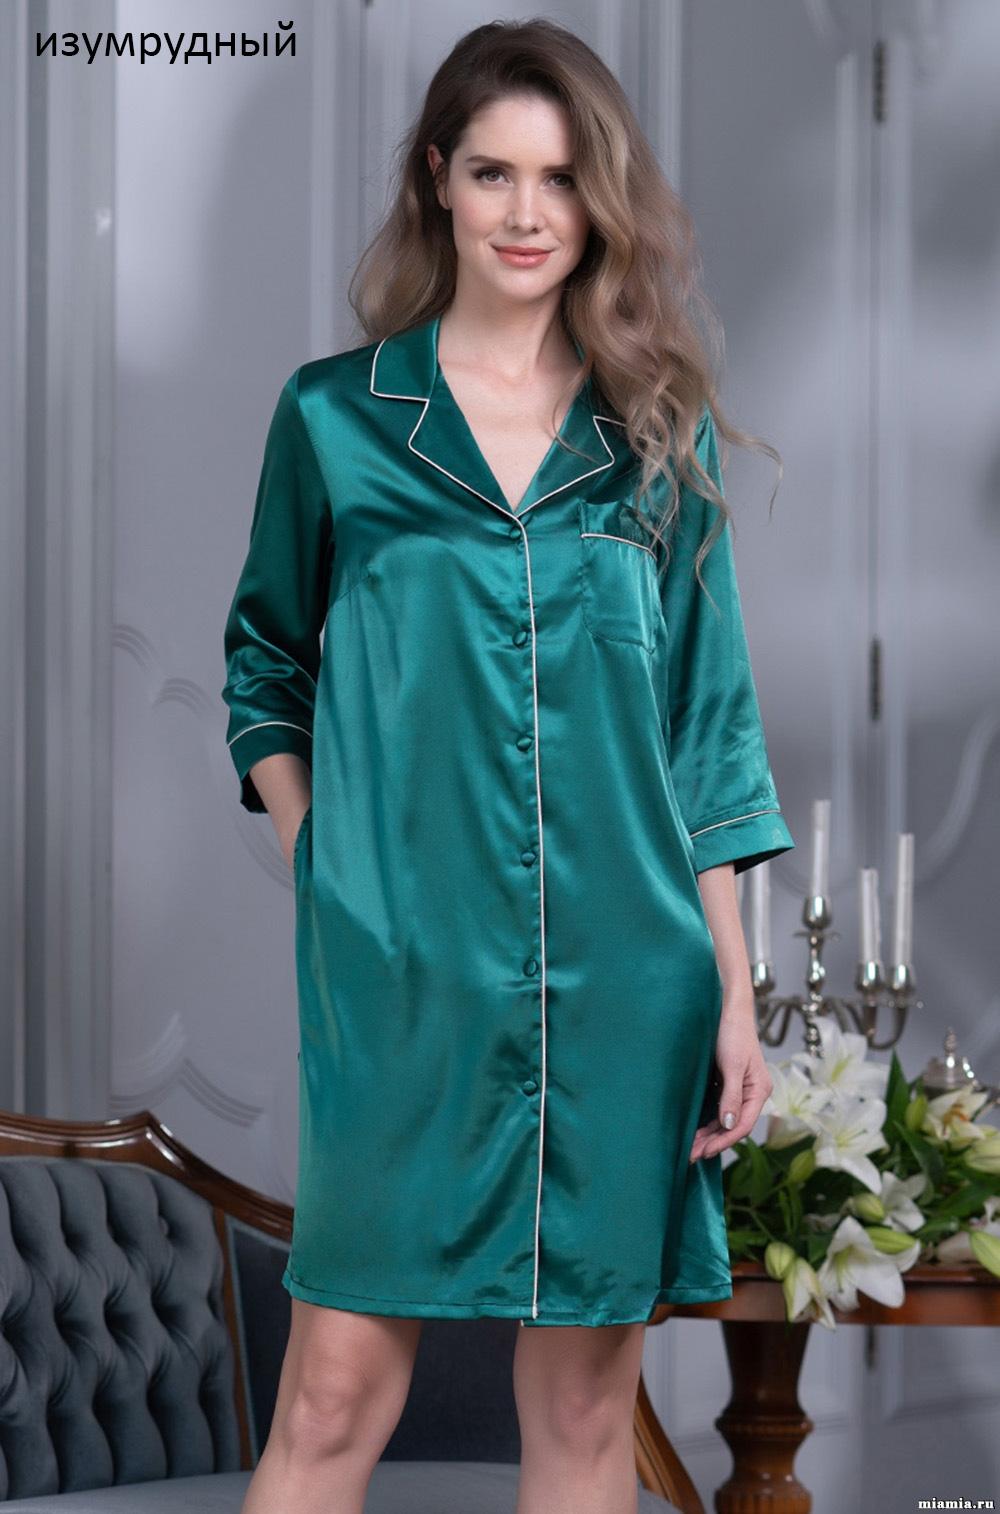 Рубашка-халат 8737 Джулия Mia Amore